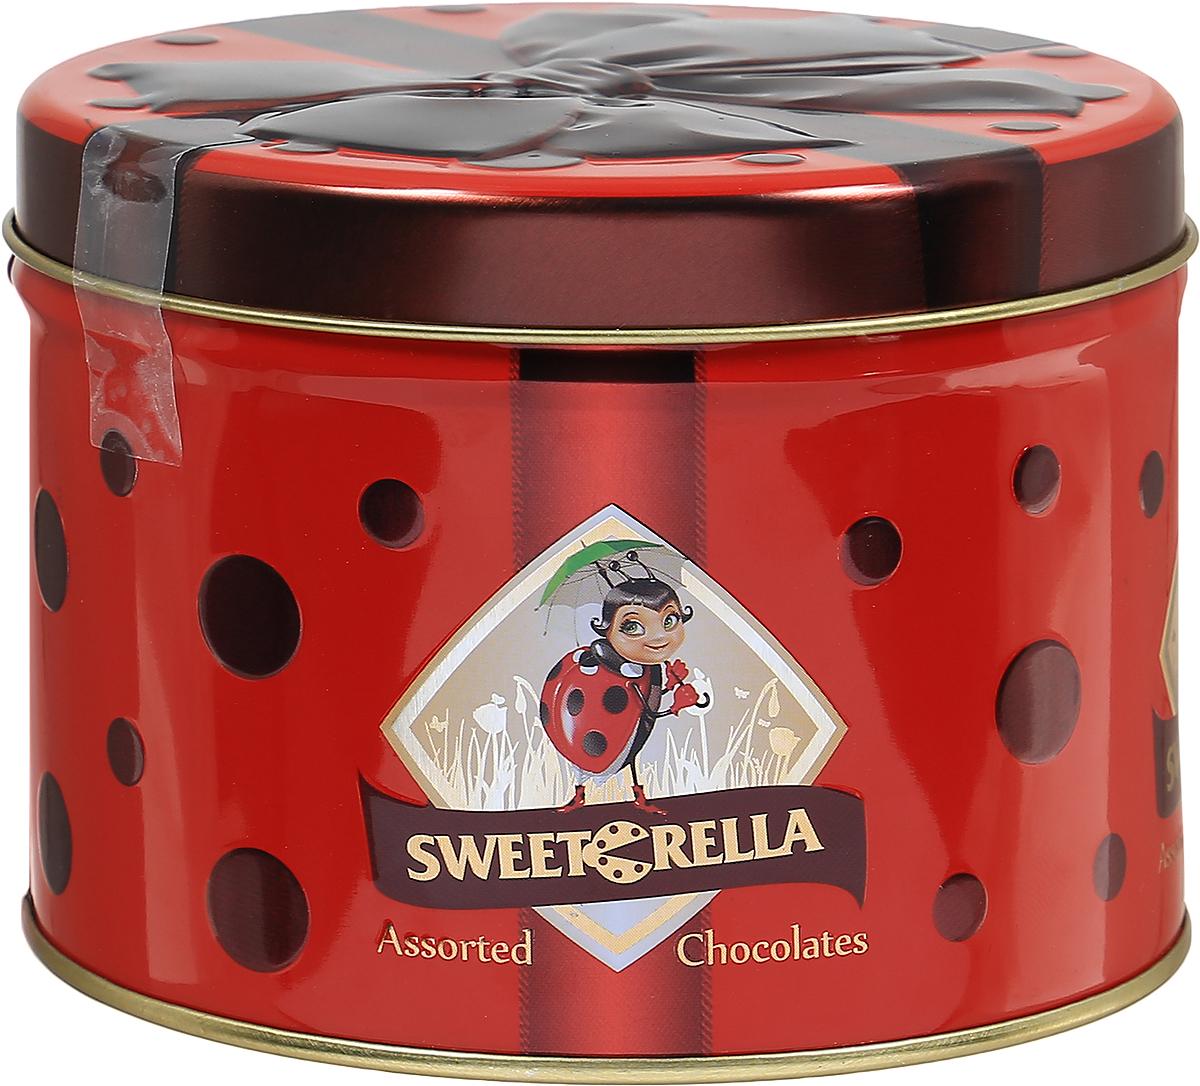 Sweeterella набор шоколадных конфет лепесток желаний, 160 г sweeterella конфеты домик счастья 170 г